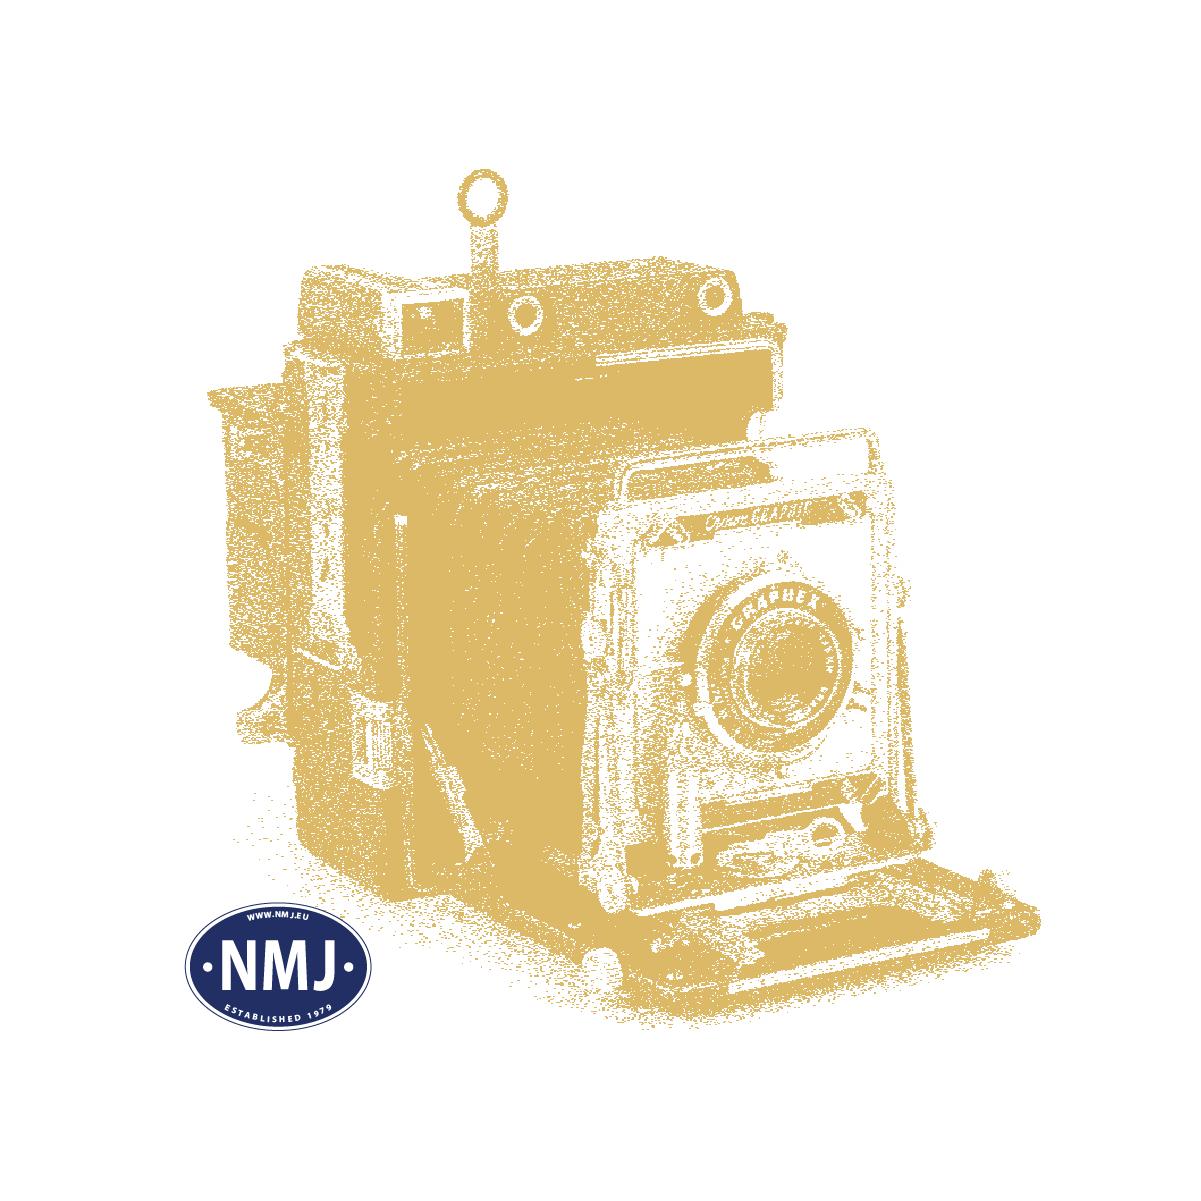 NMJT108.101 - NMJ Topline NSB BF11.21524 Gammeldesign